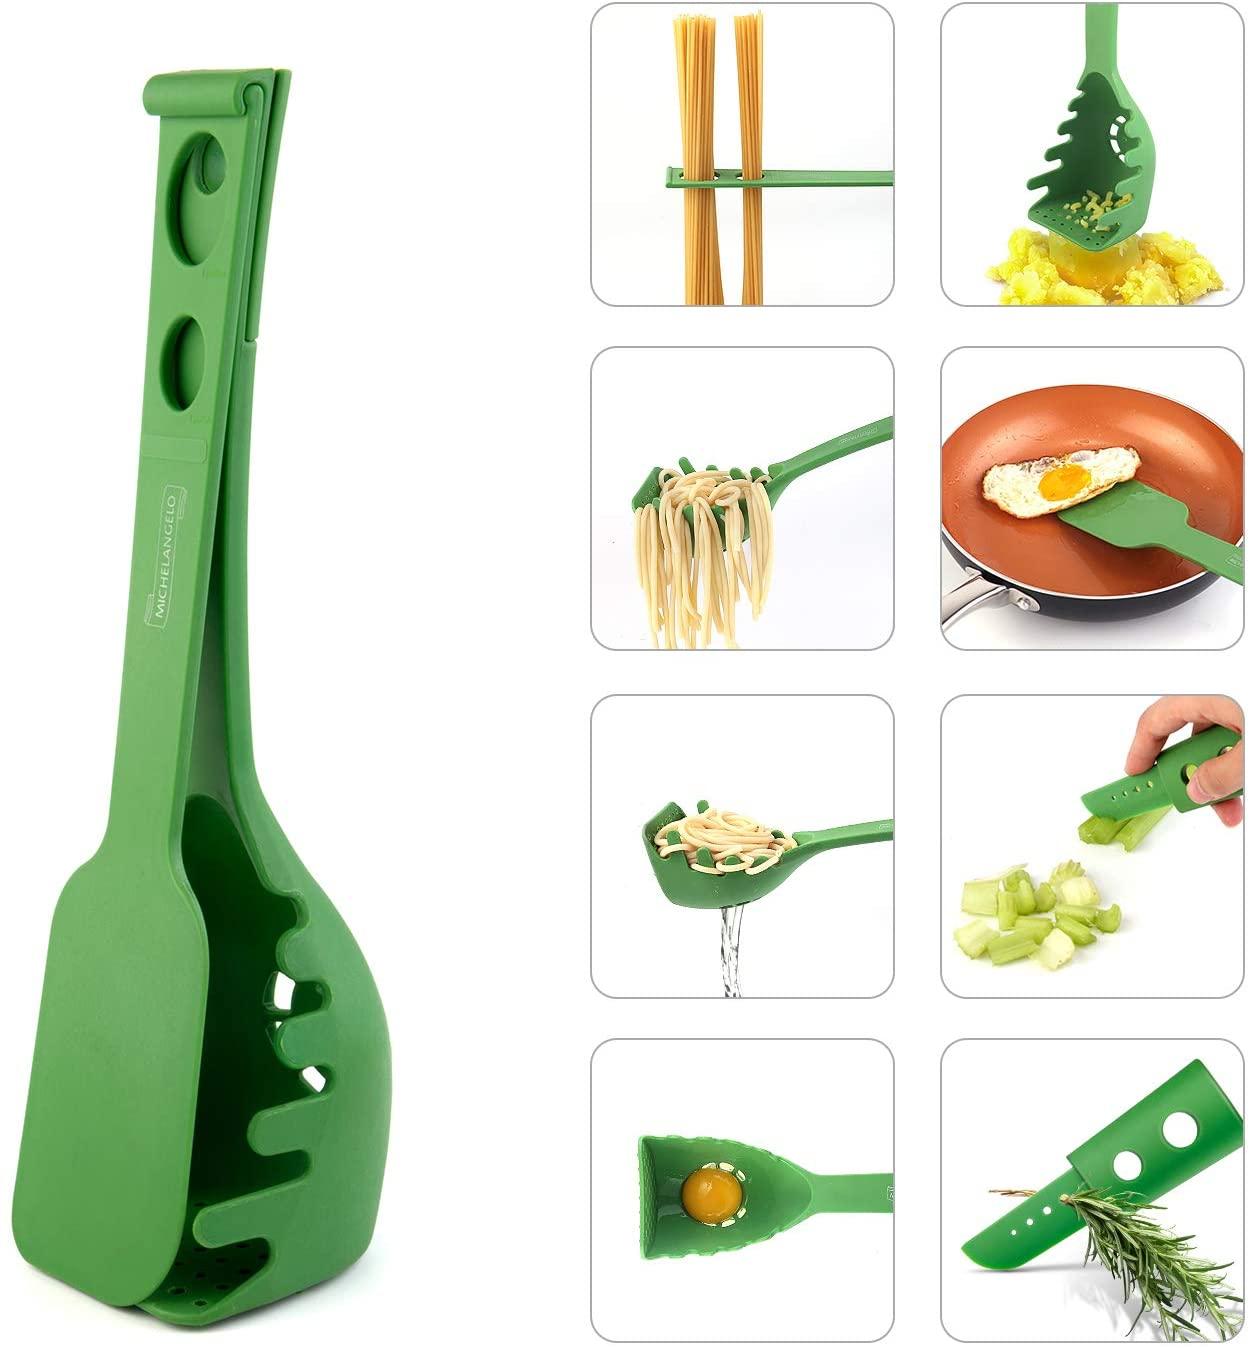 Versatile Kitchen Gadget Set